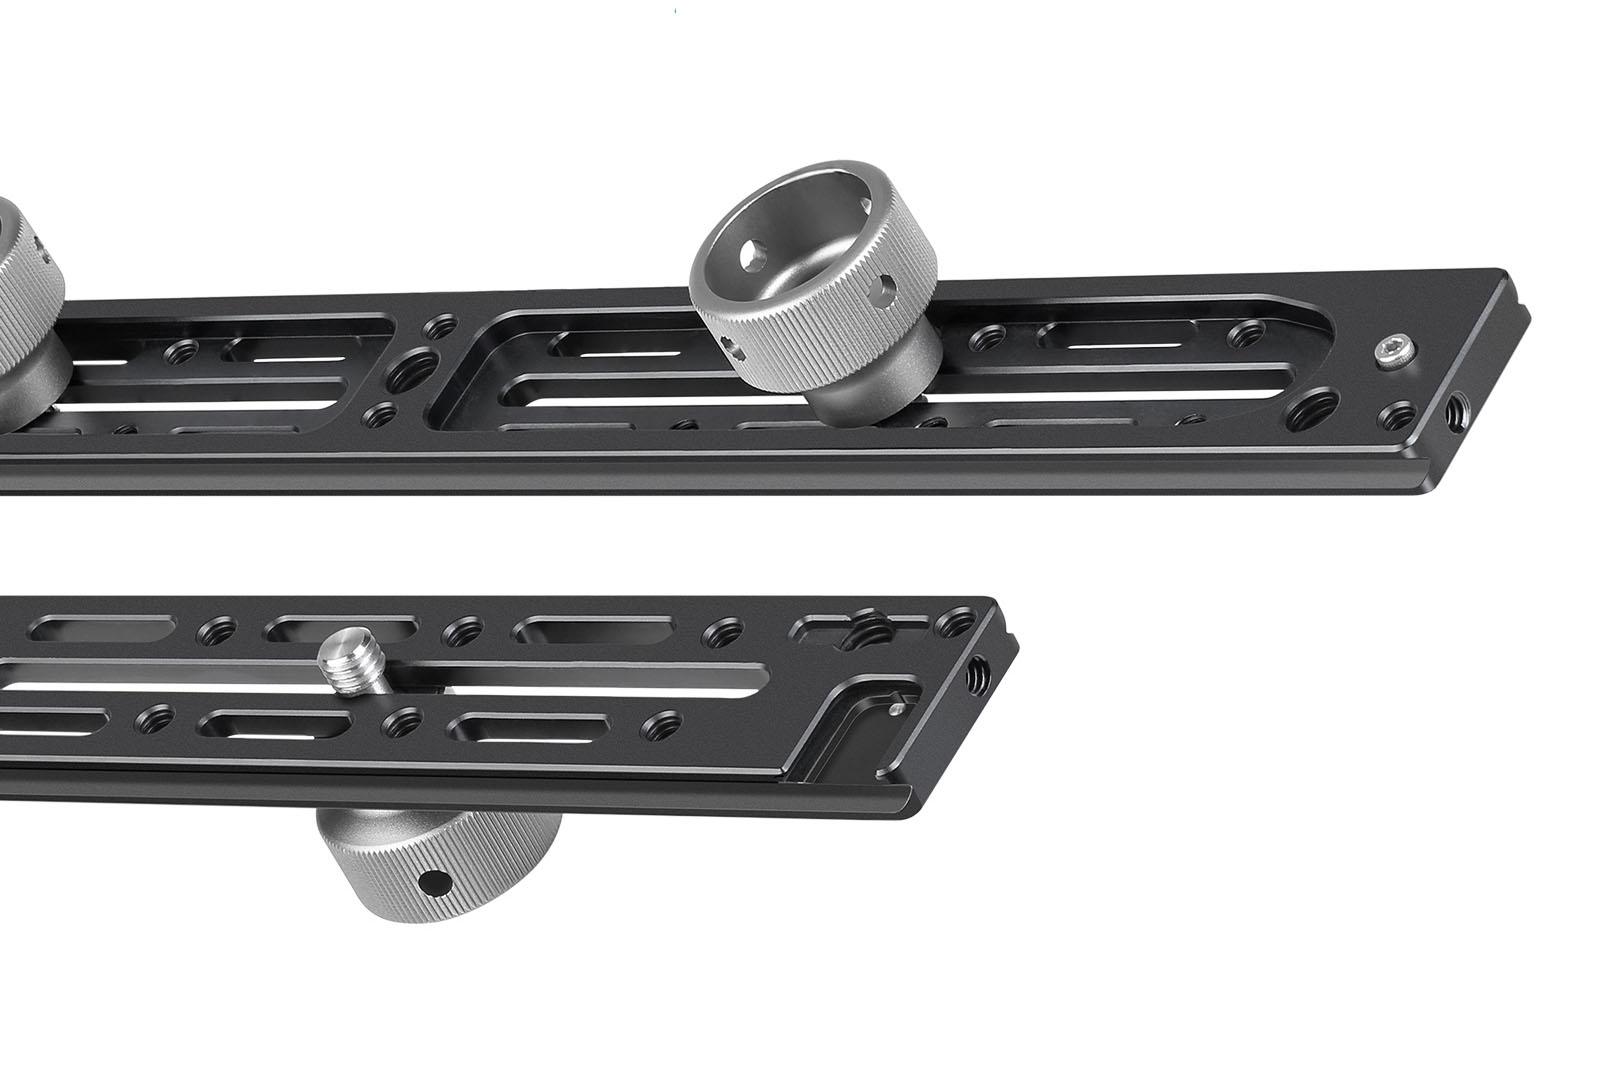 Leofoto NP-400 regleta en aluminio 7075 para accesorios